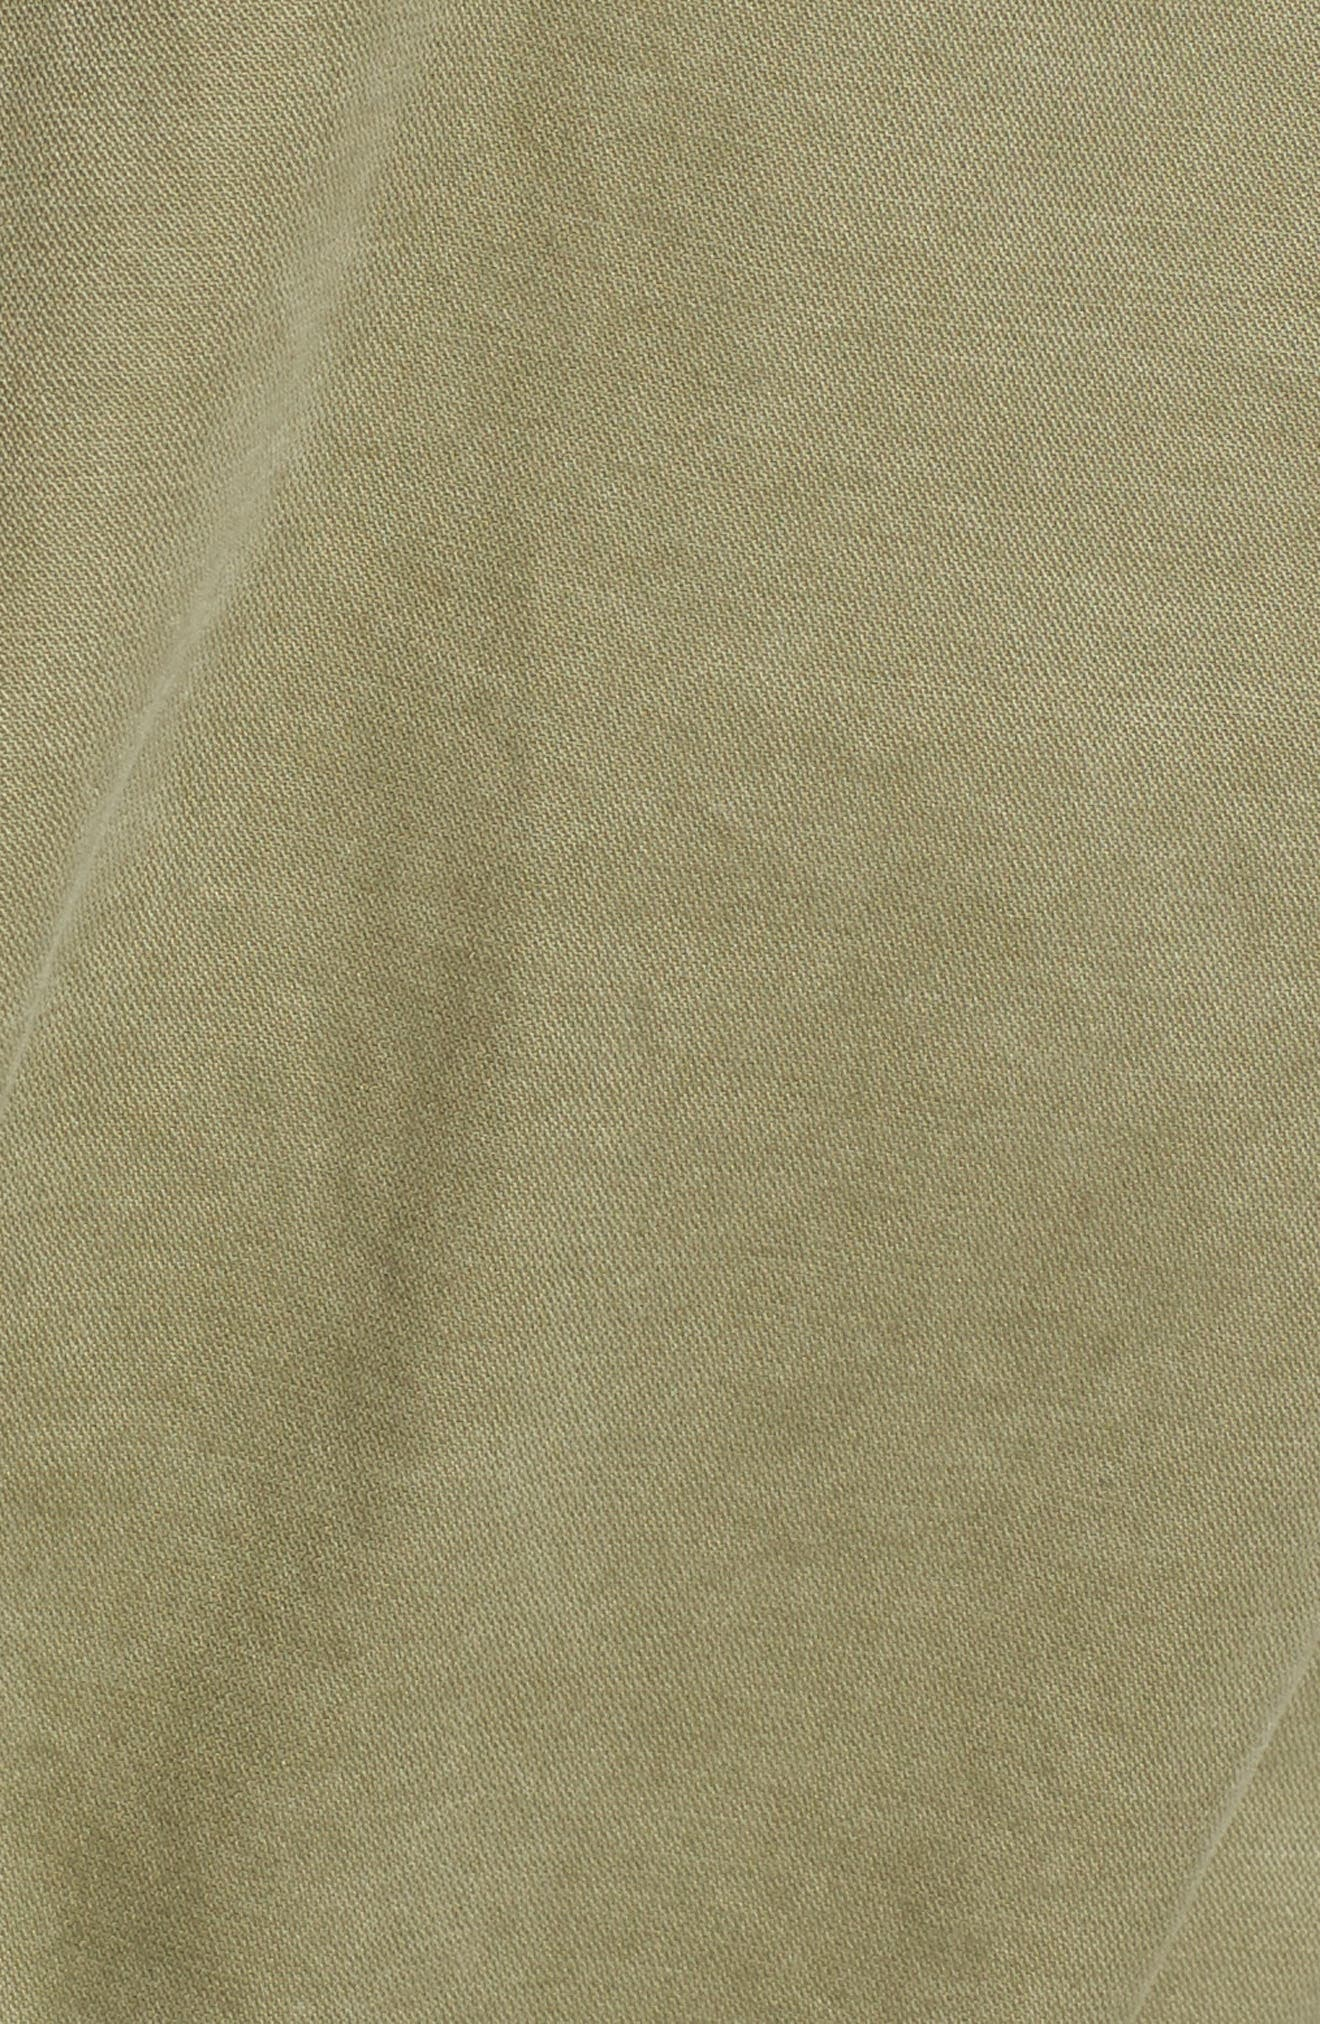 Catskills Jacket,                             Alternate thumbnail 6, color,                             Military Surplus